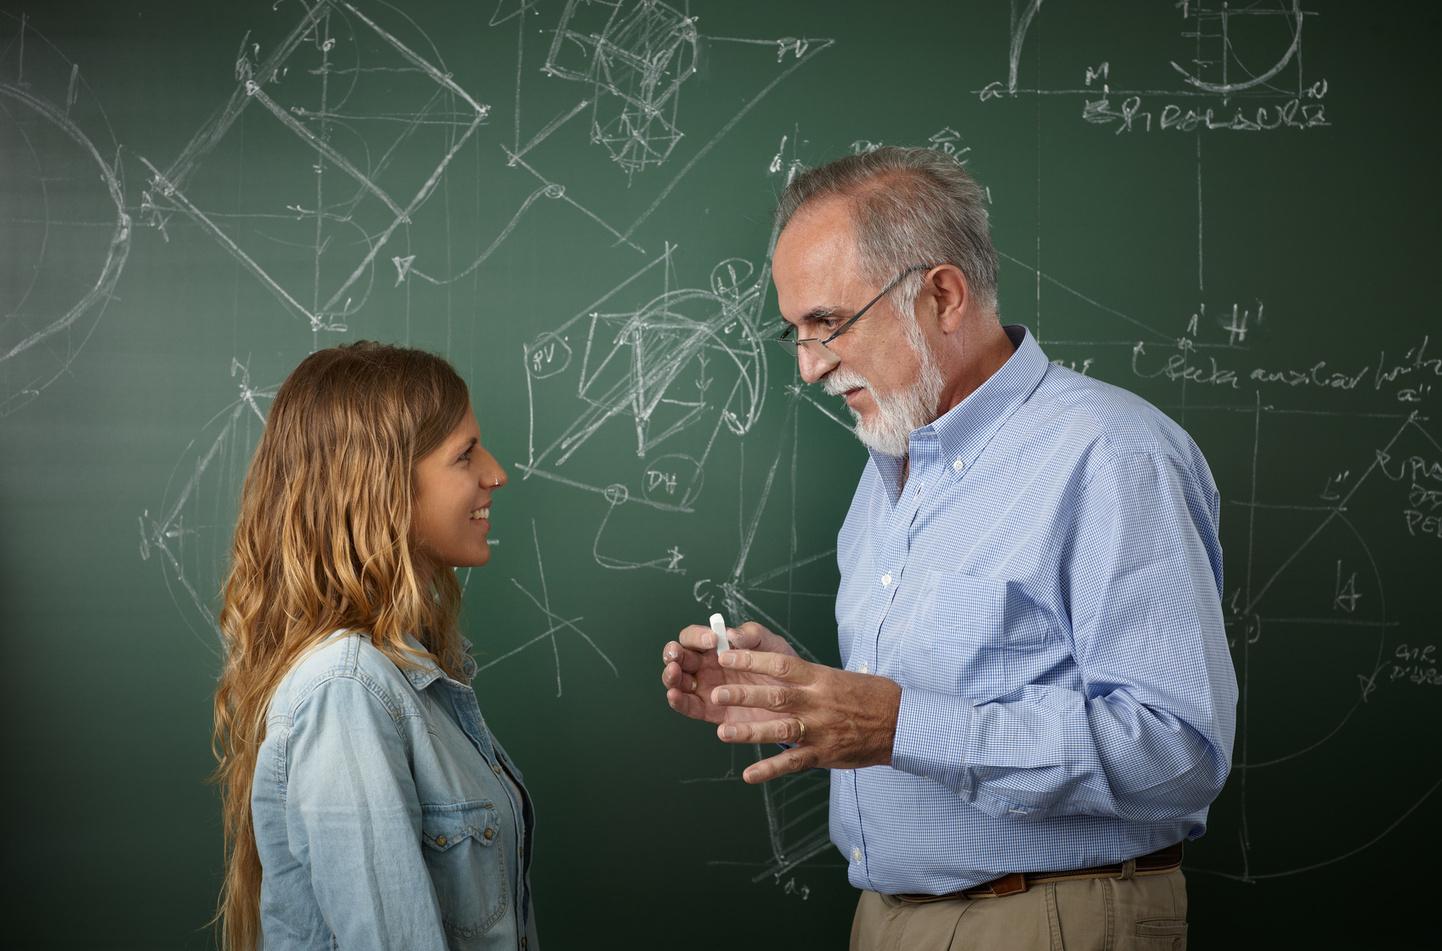 Студентка дала учителю, Студентка дала бывшему учителю смотреть порно 19 фотография